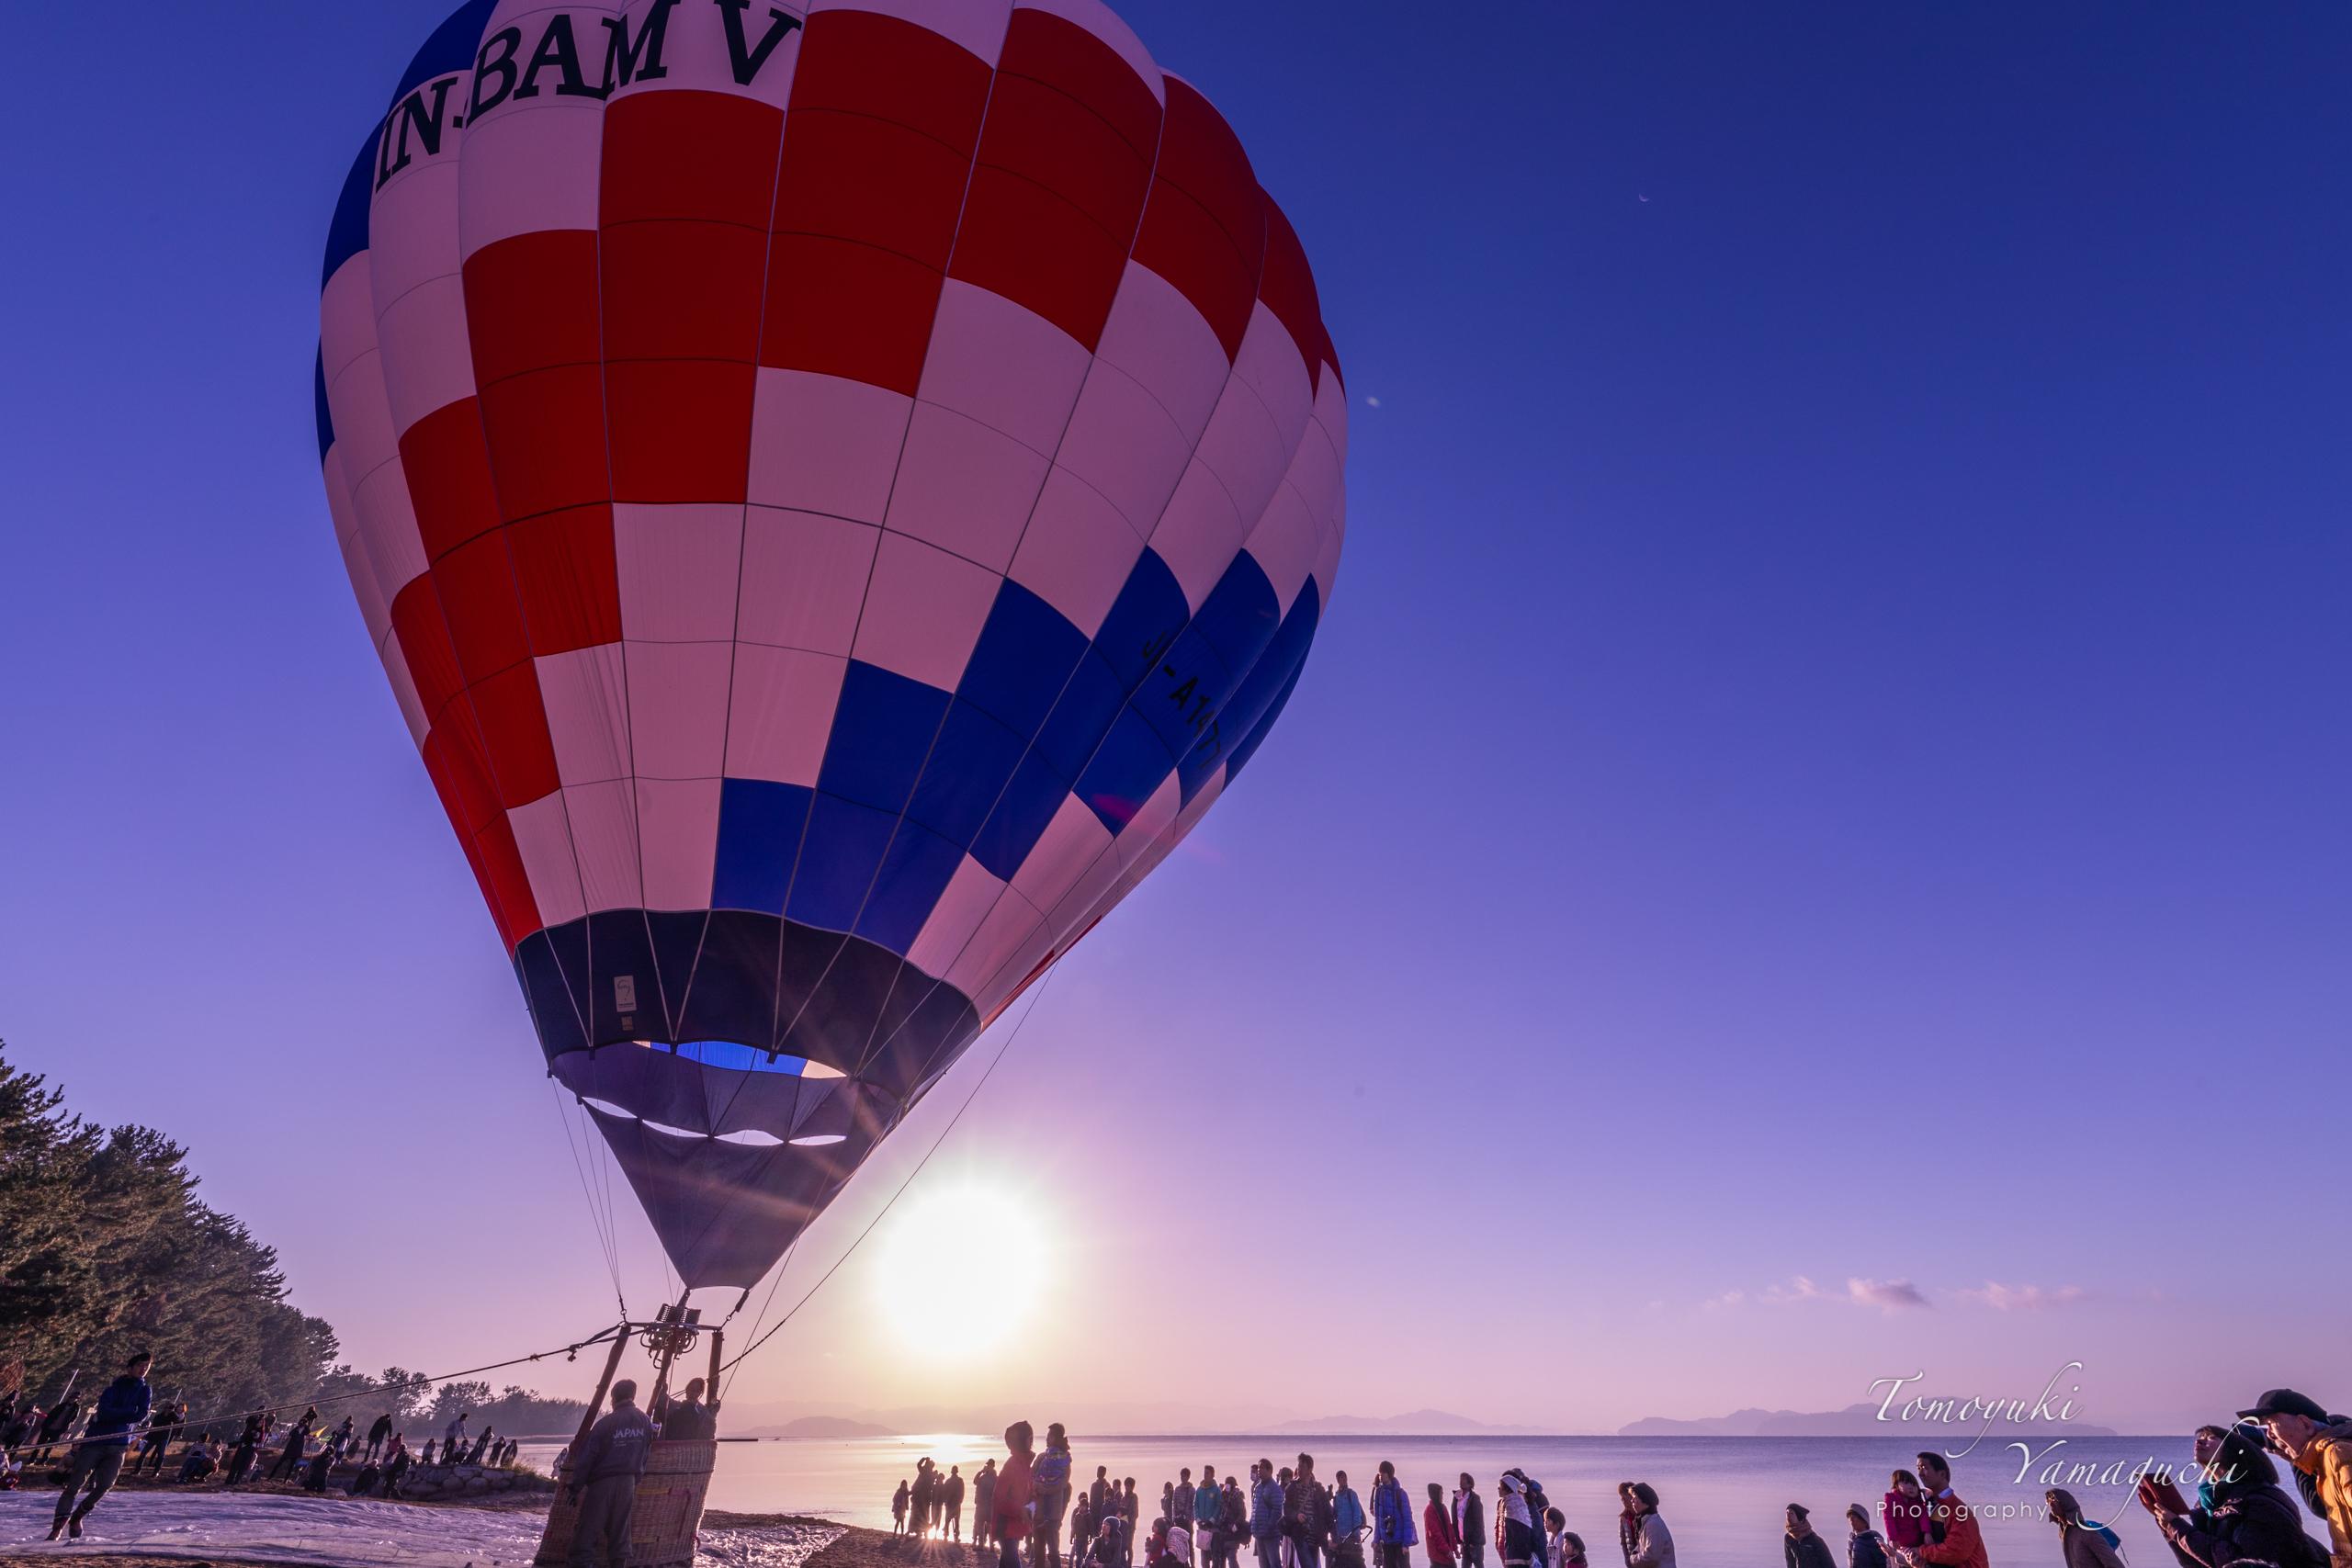 第42回熱気球琵琶湖横断2018の観戦